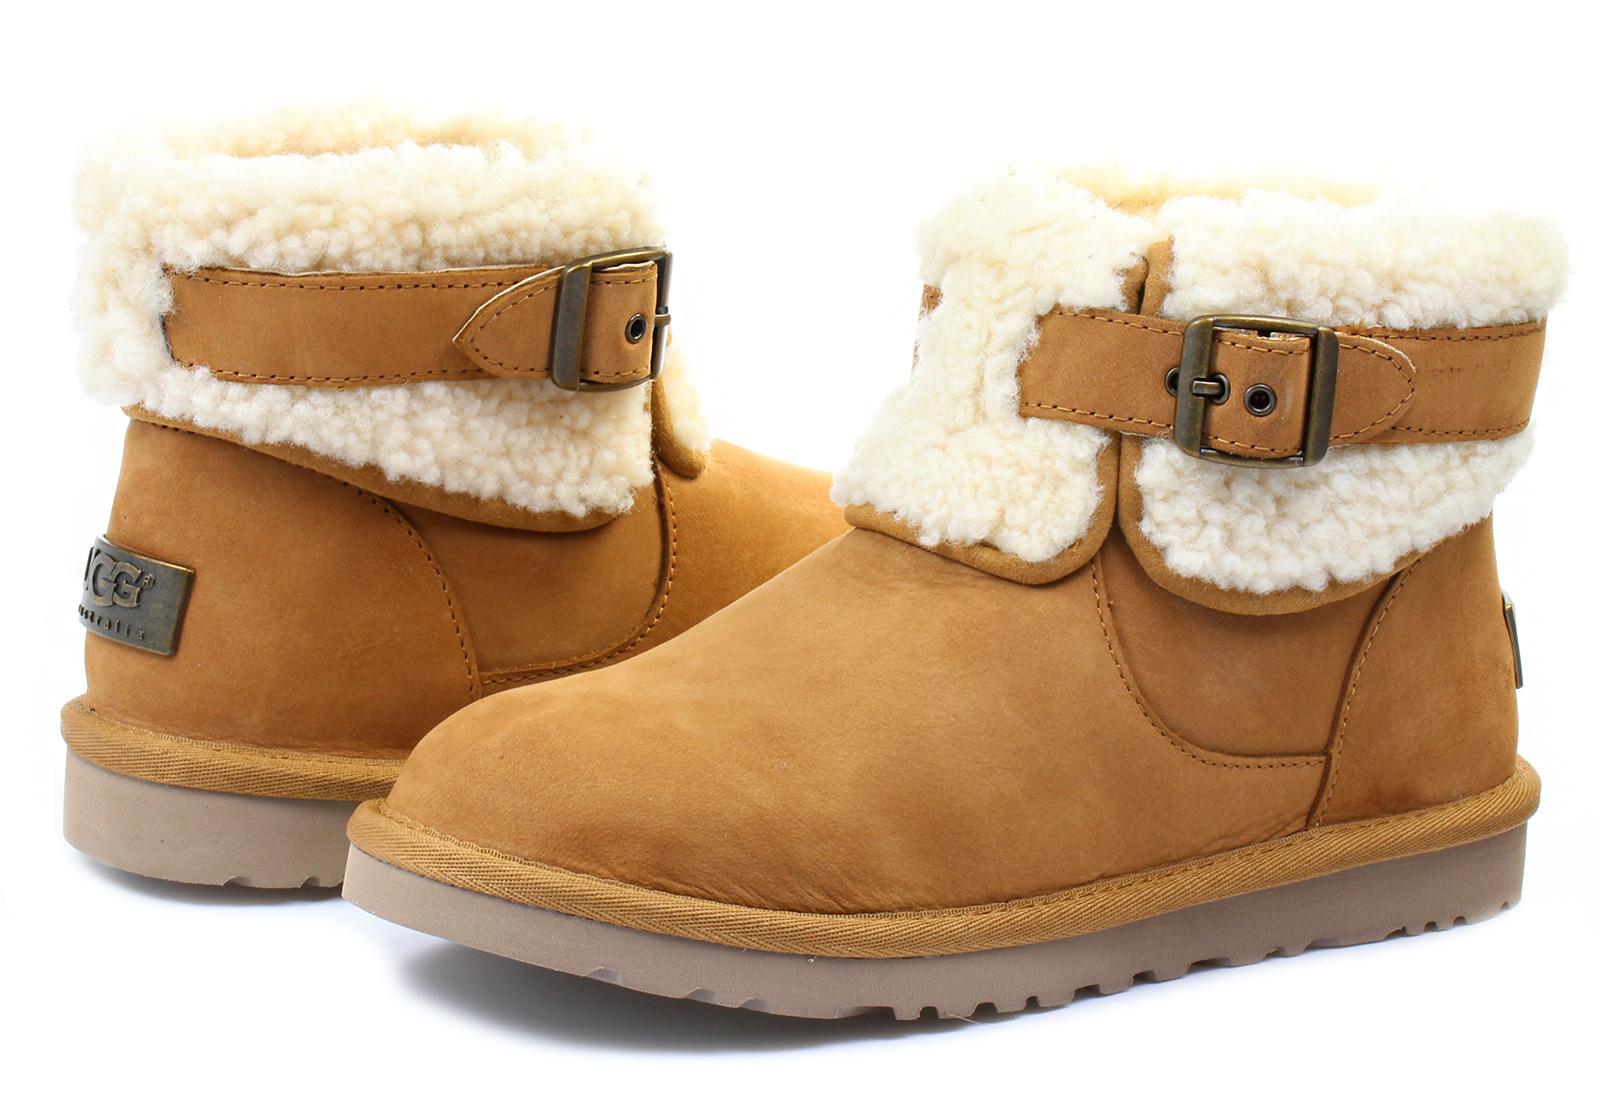 ugg boots - w jocelin - 1003919-che